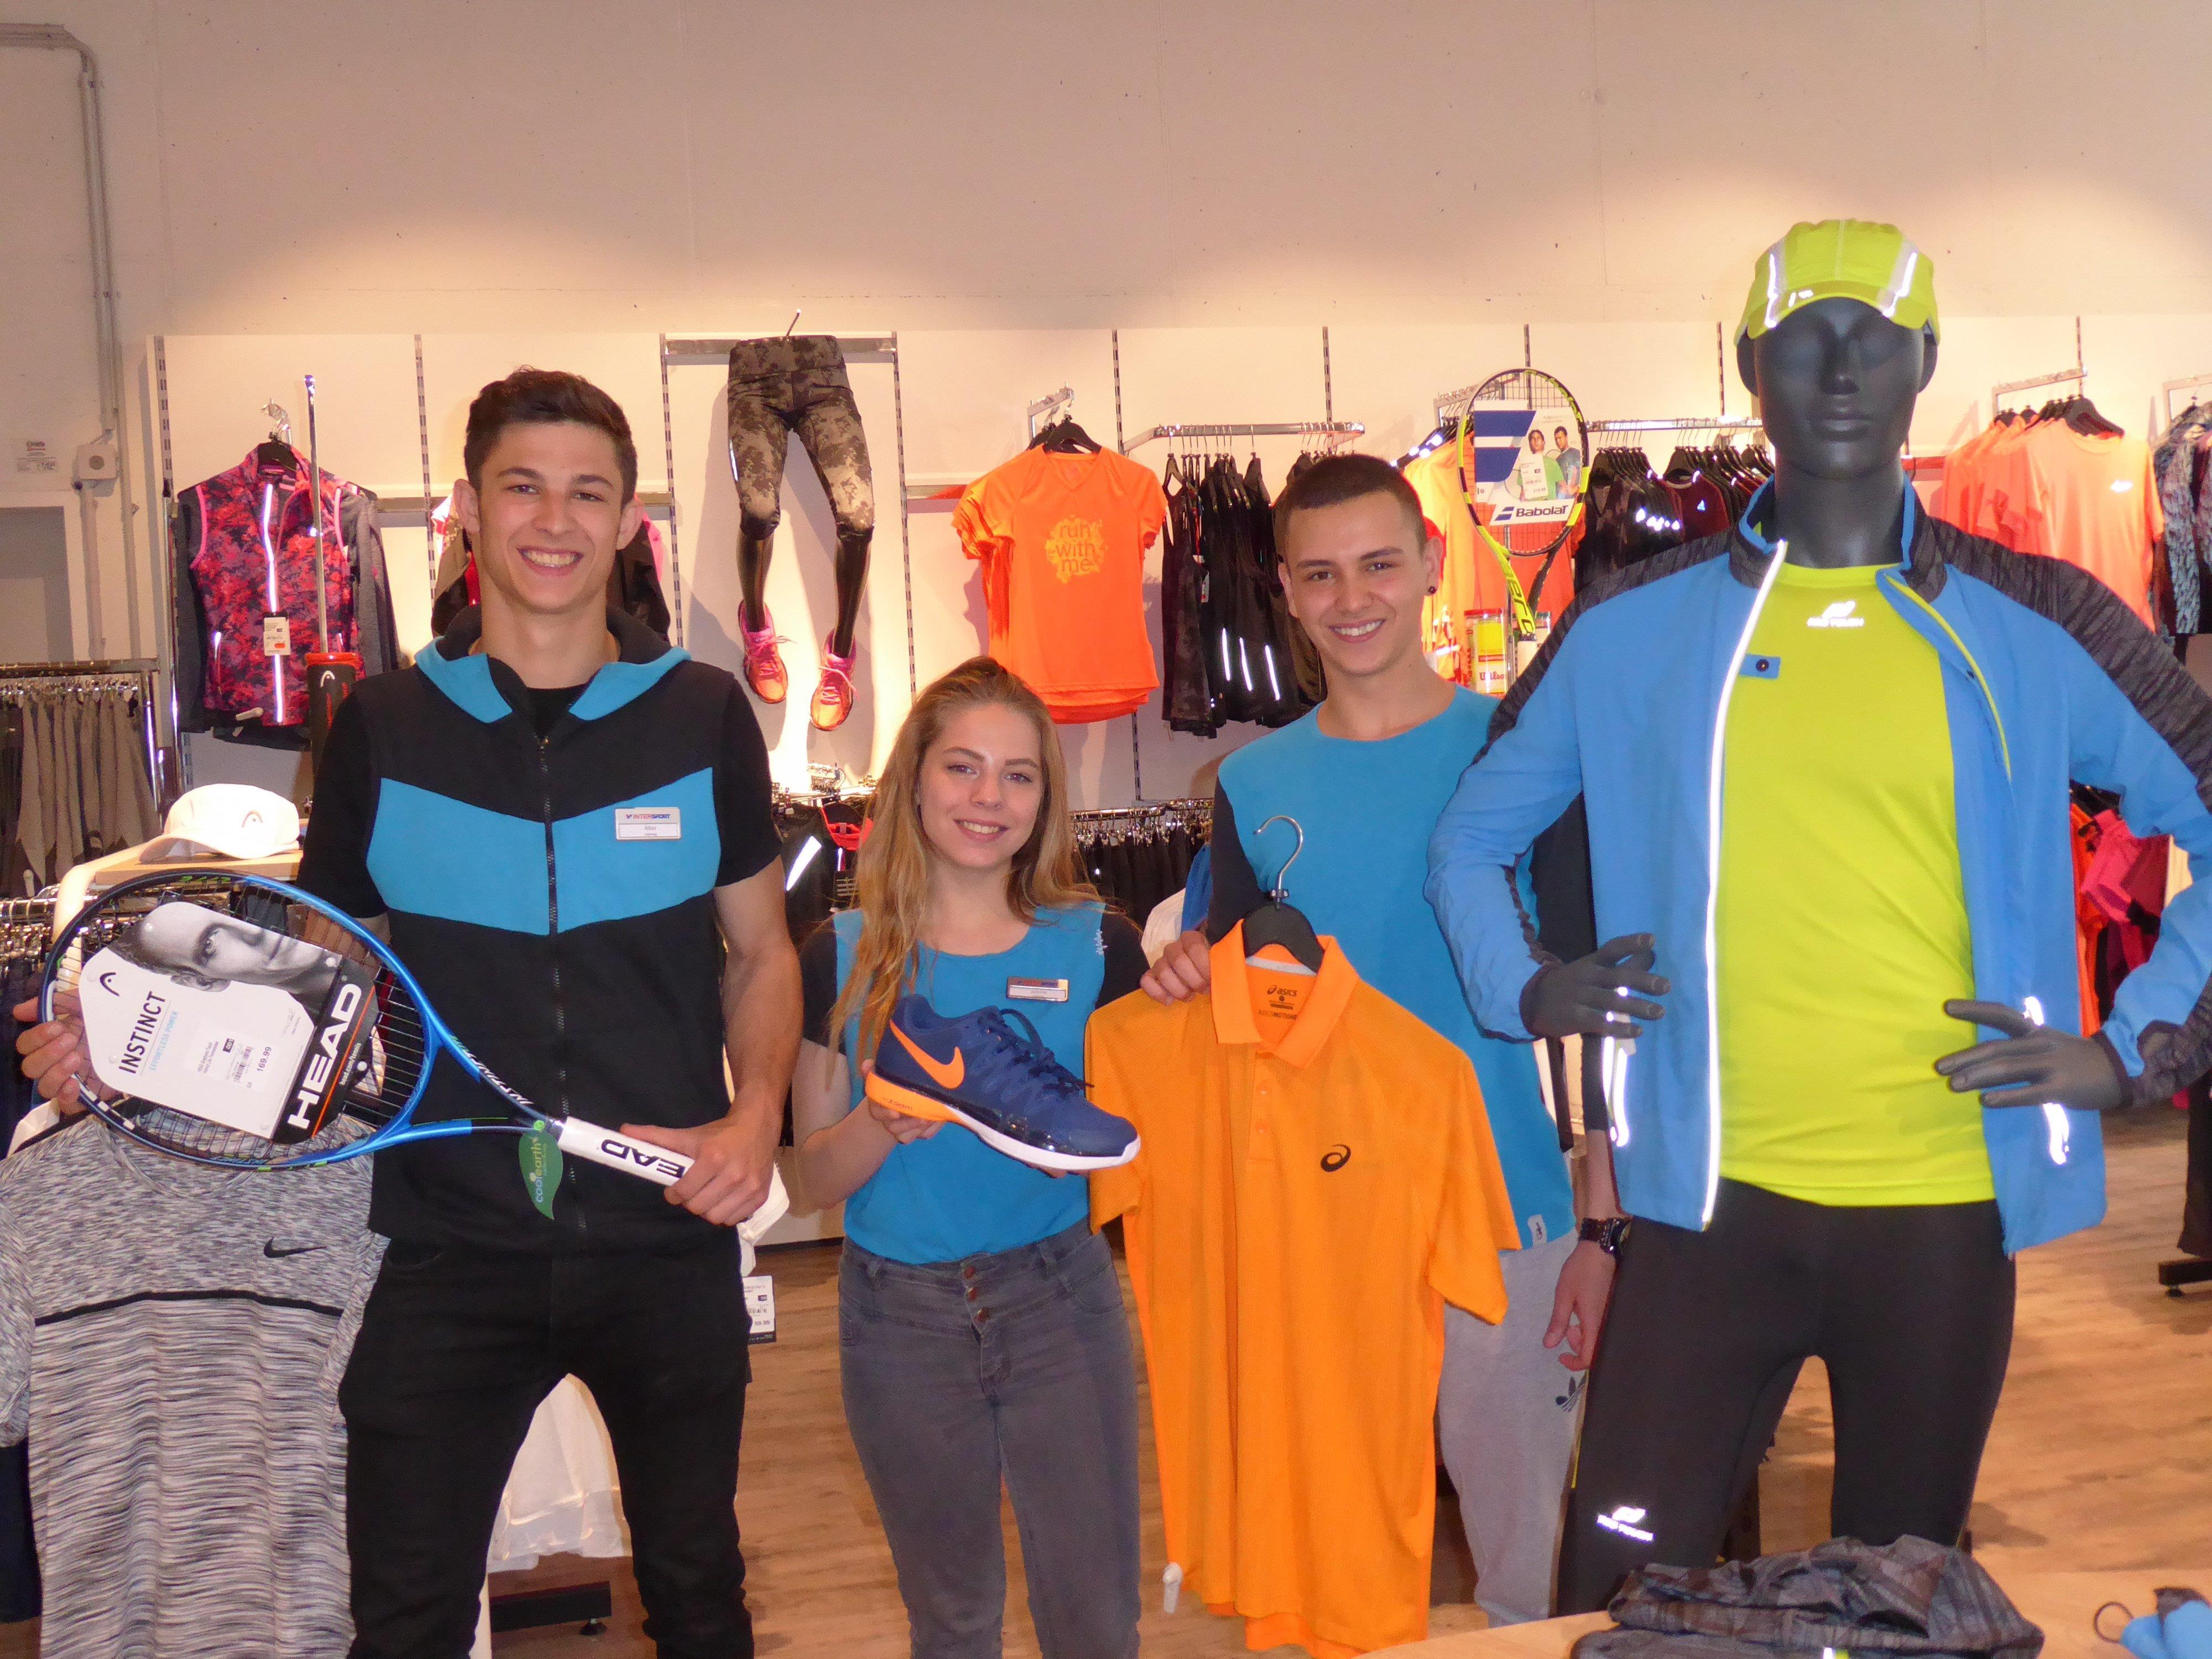 Max, Janine und Robert sind mit ihrer Ausbildung im Sportfachhandel am Puls der Zeit.